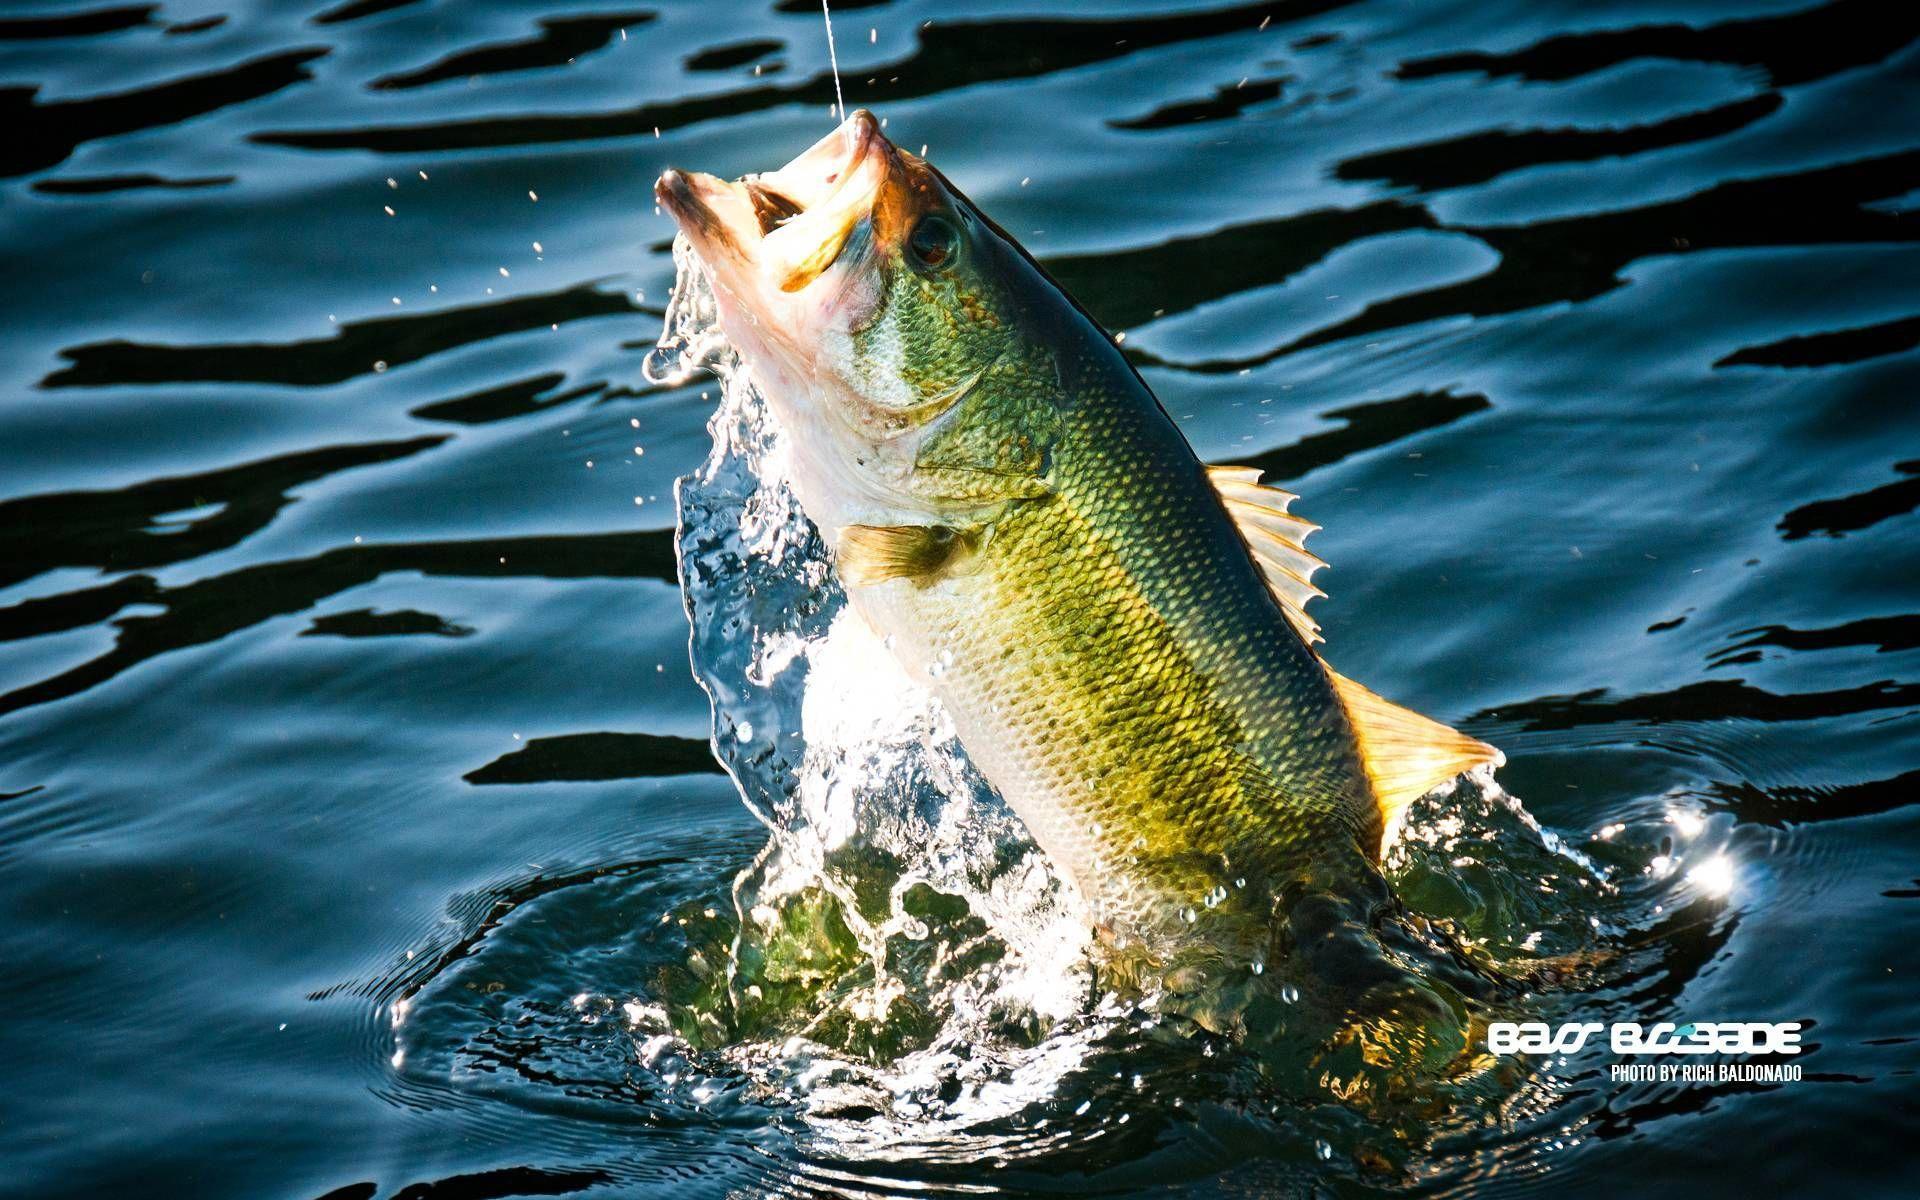 Bass Fishing Wallpaper Backgrounds Wallpaper Cave Fish Wallpaper Koi Fish Wallpaper Fish